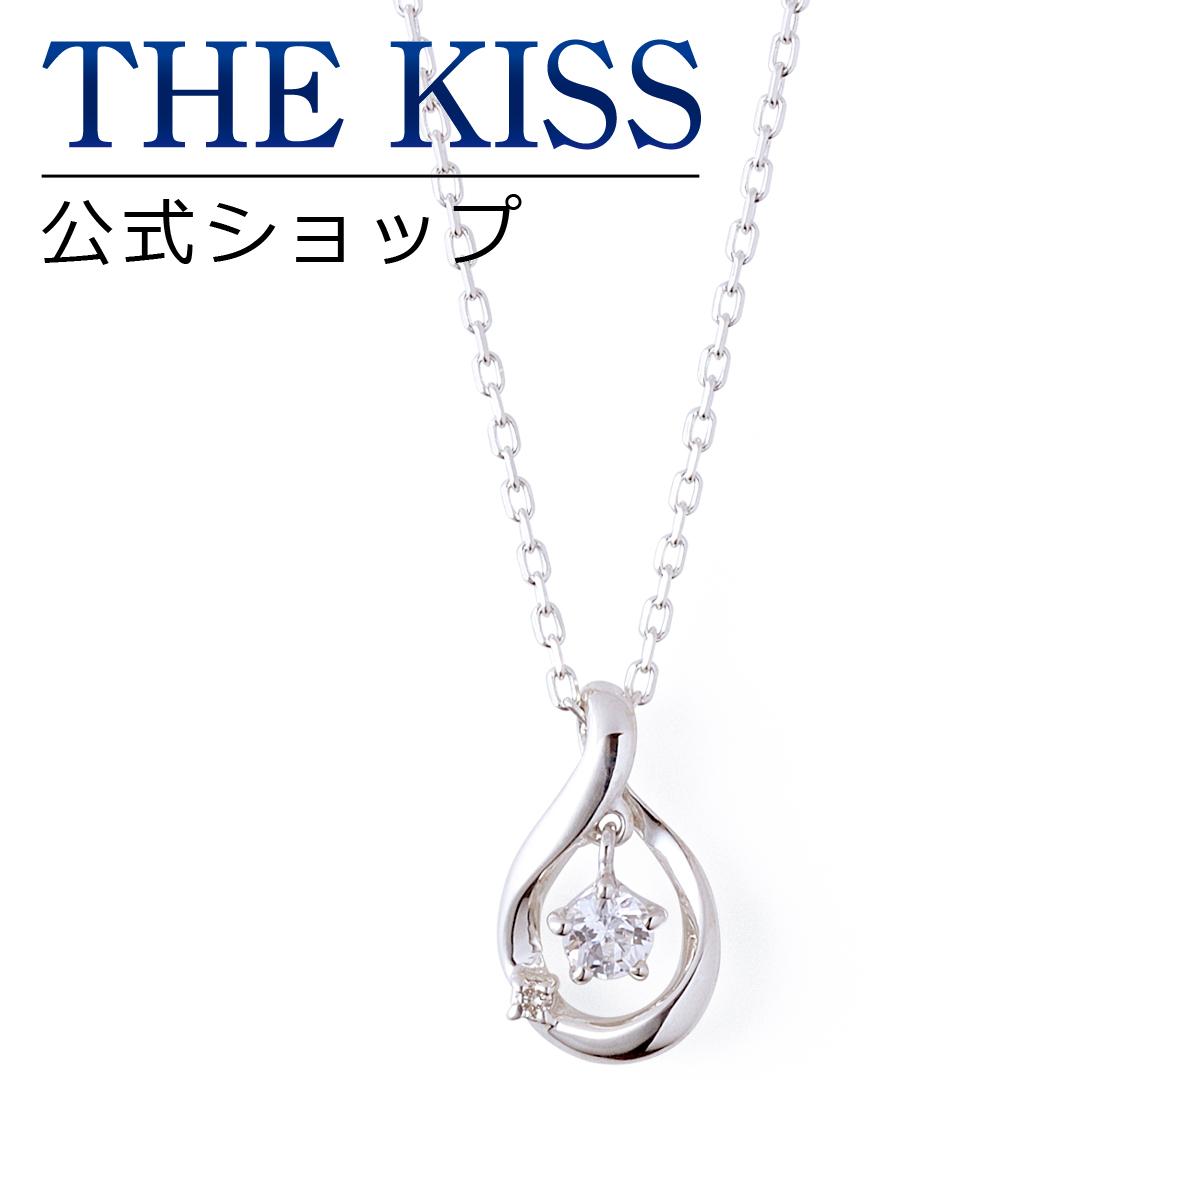 【あす楽対応】THE KISS 公式サイト シルバー ネックレス レディースジュエリー・アクセサリー ジュエリーブランド THEKISS ネックレス・ペンダント 記念日 プレゼント SPD2912DM-WUAS ザキス 【送料無料】